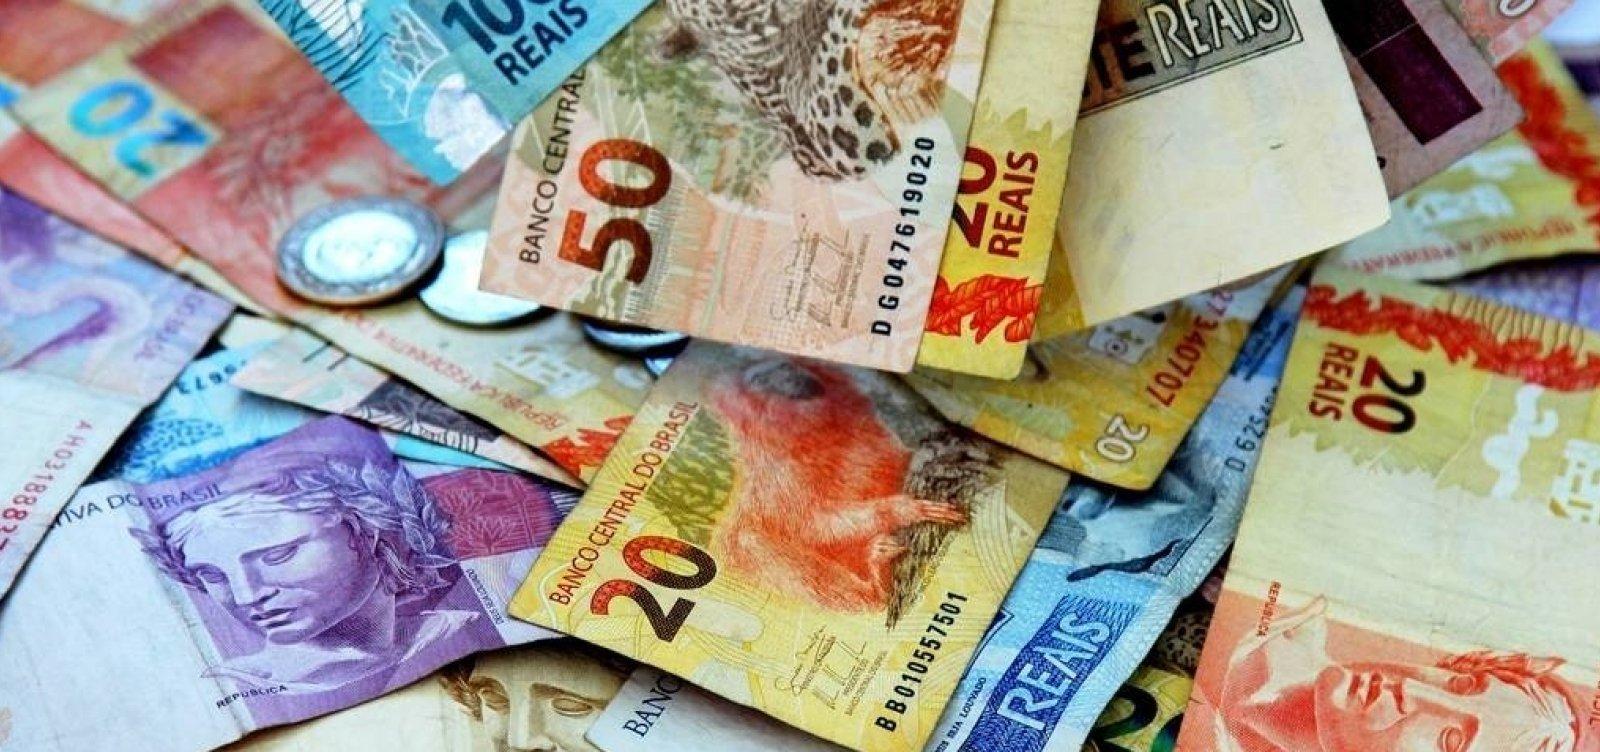 [Reajuste do salário mínimo dado por Bolsonaro em 2020 fica abaixo da inflação]